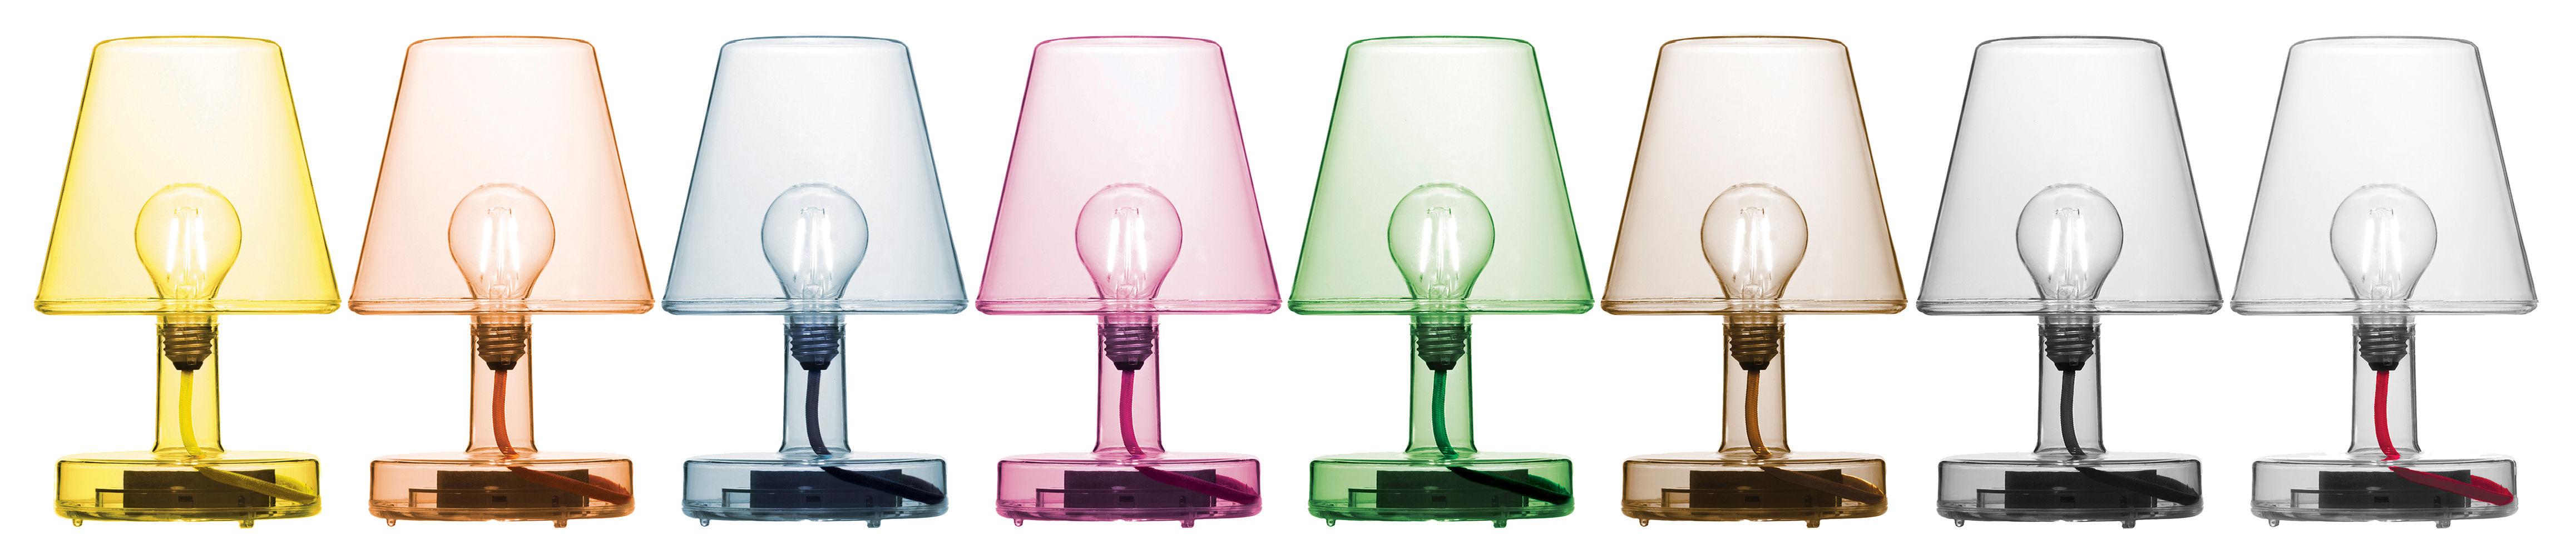 Lampe Led X Fil Transloetje Ø 16 Fatboy Cm H 25 Sans ChrsdtQ